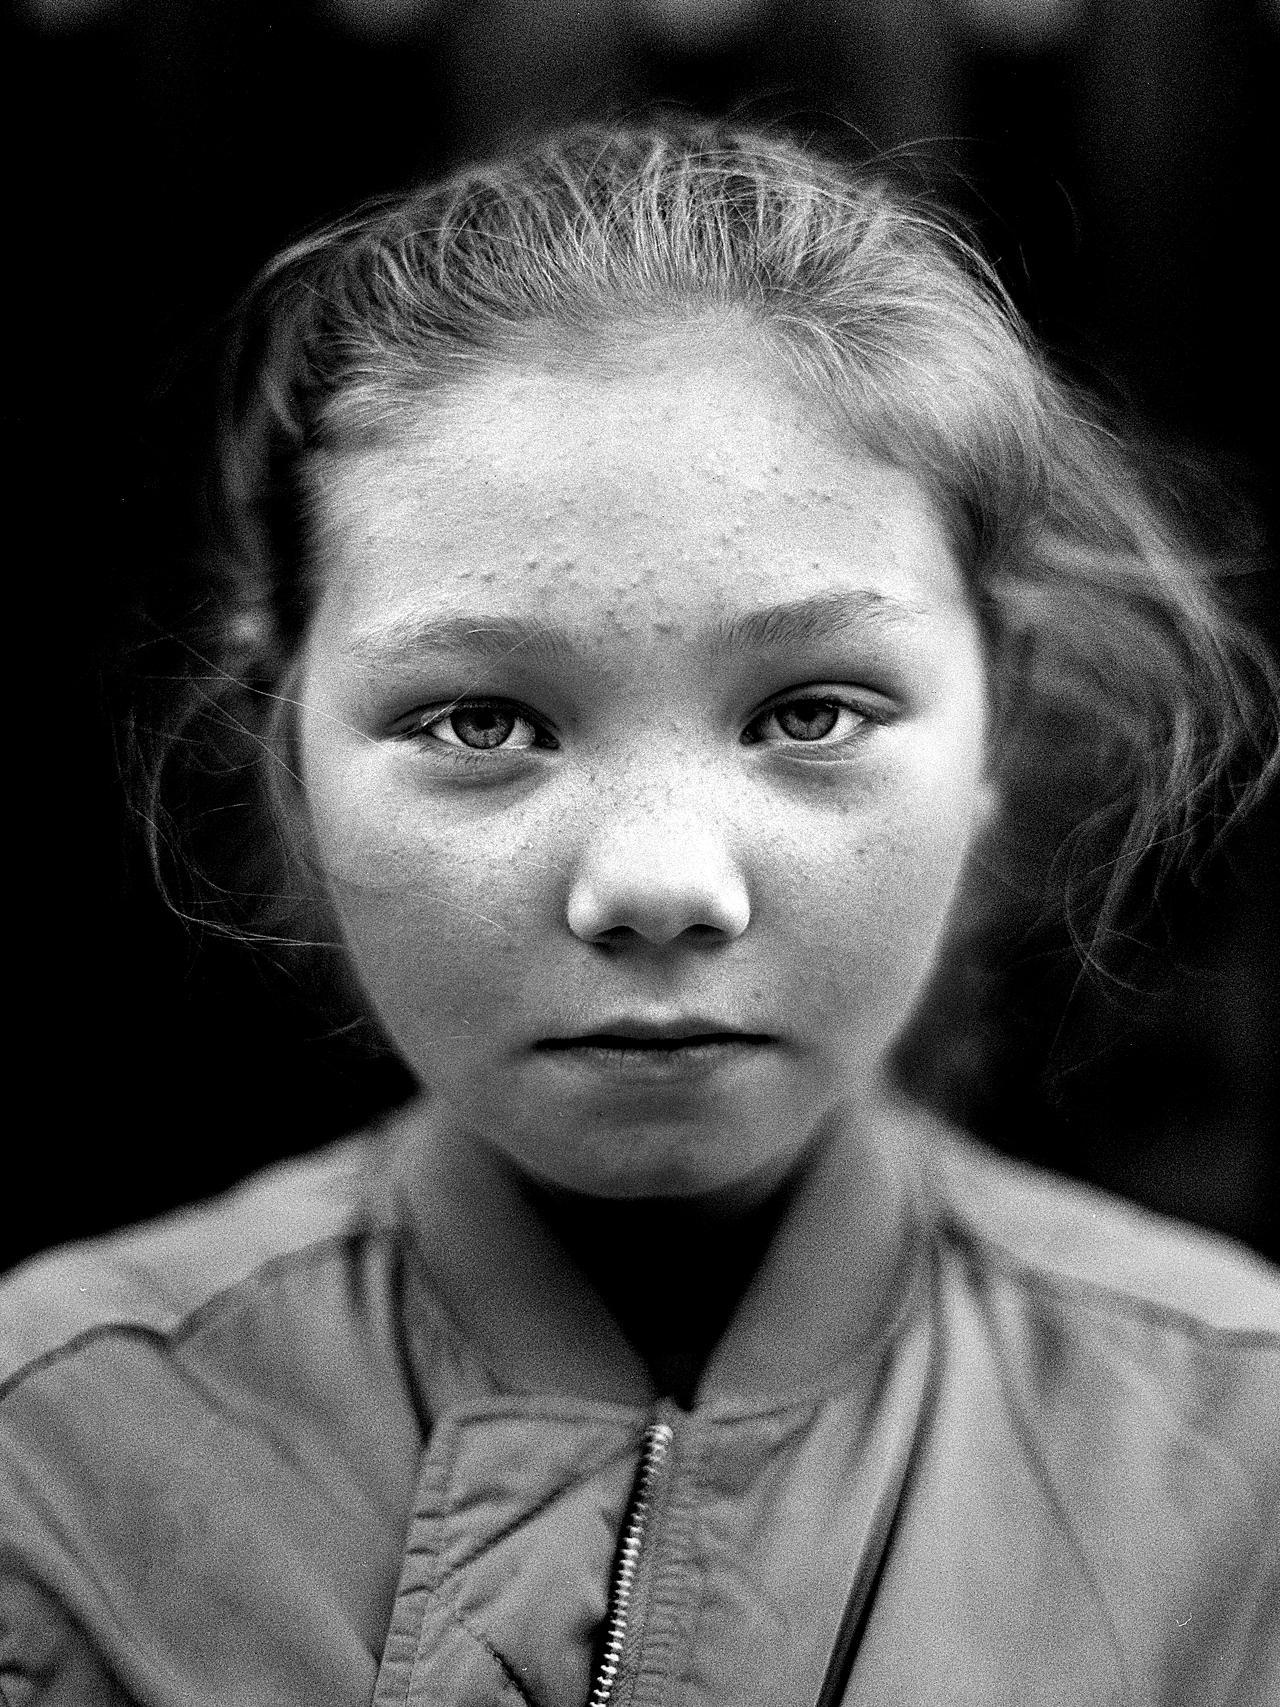 Toby Binder - Wee Muckers – Youth of Belfast - Felix Schoeller Photoaward